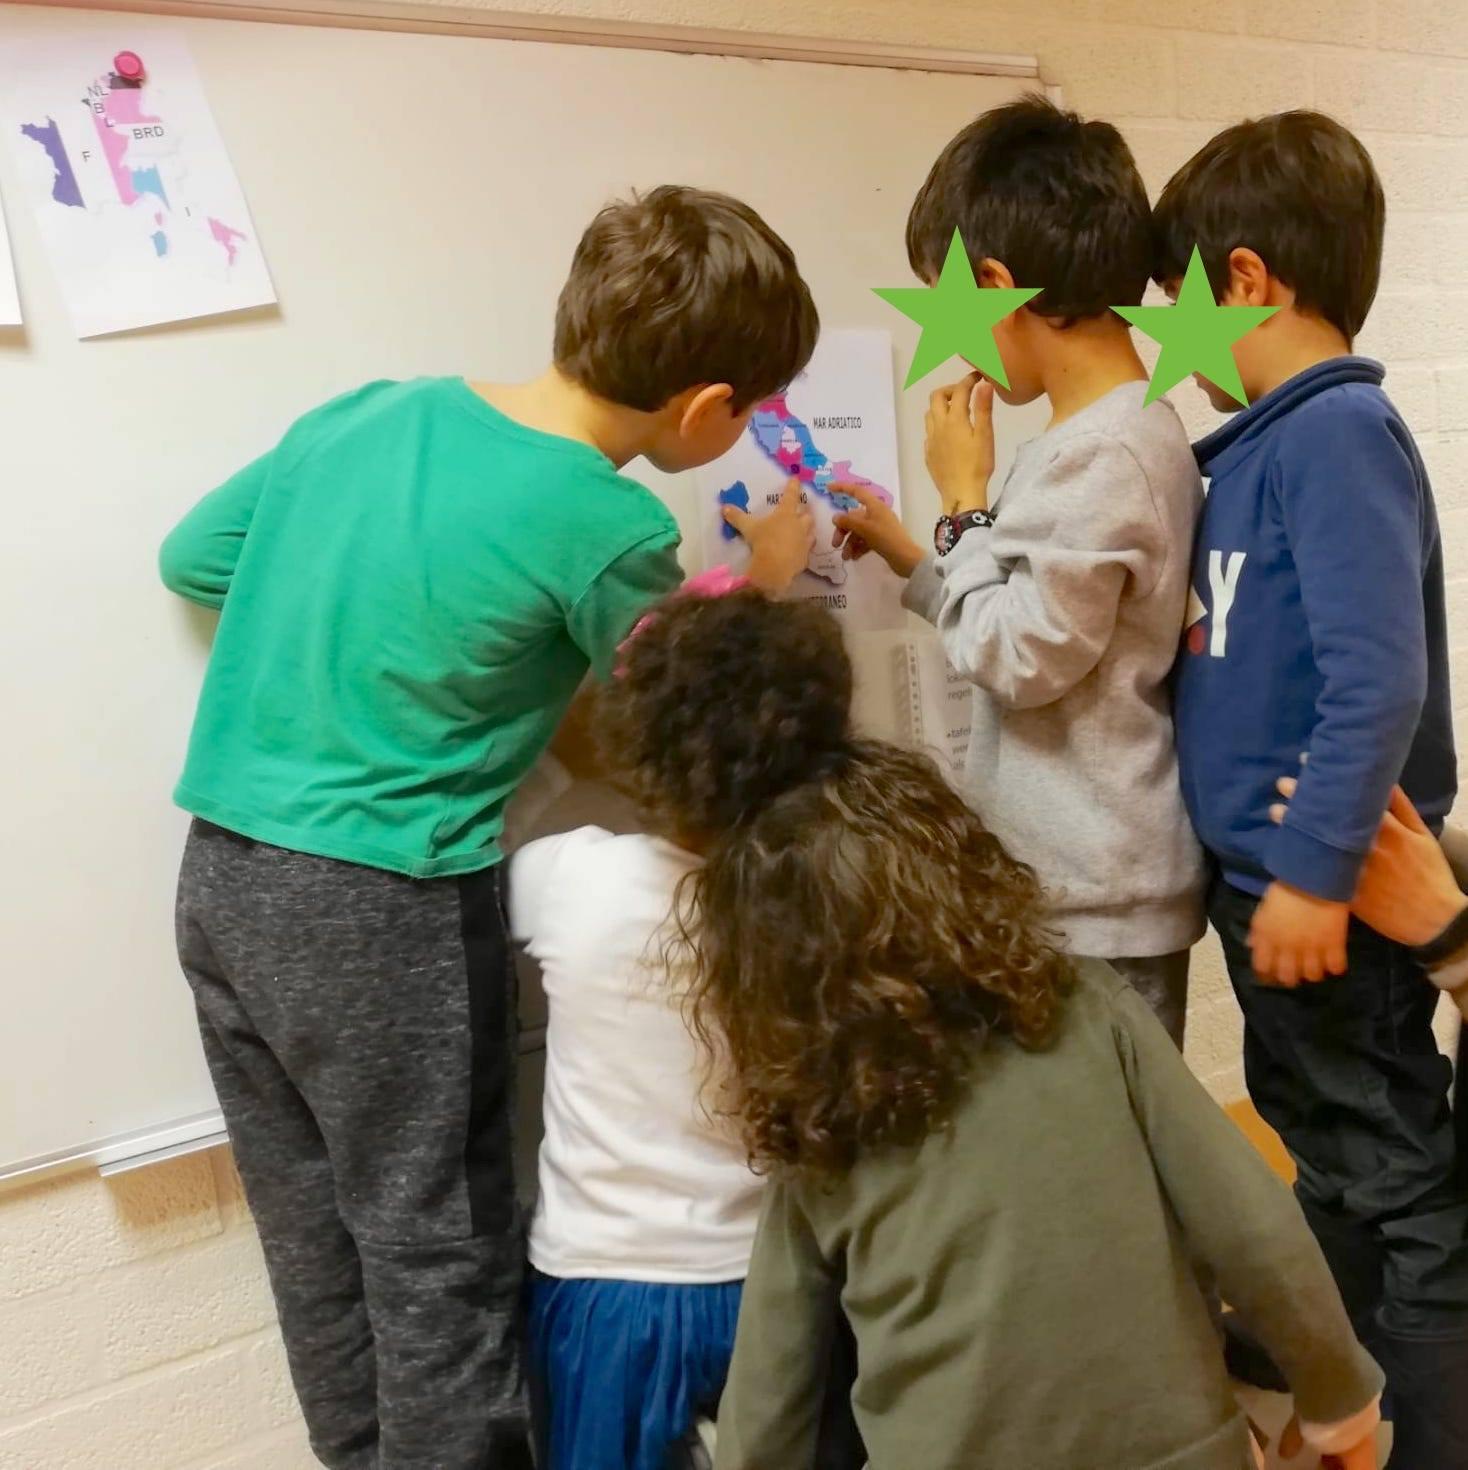 bambini che guardnao una mappa dell'Italia